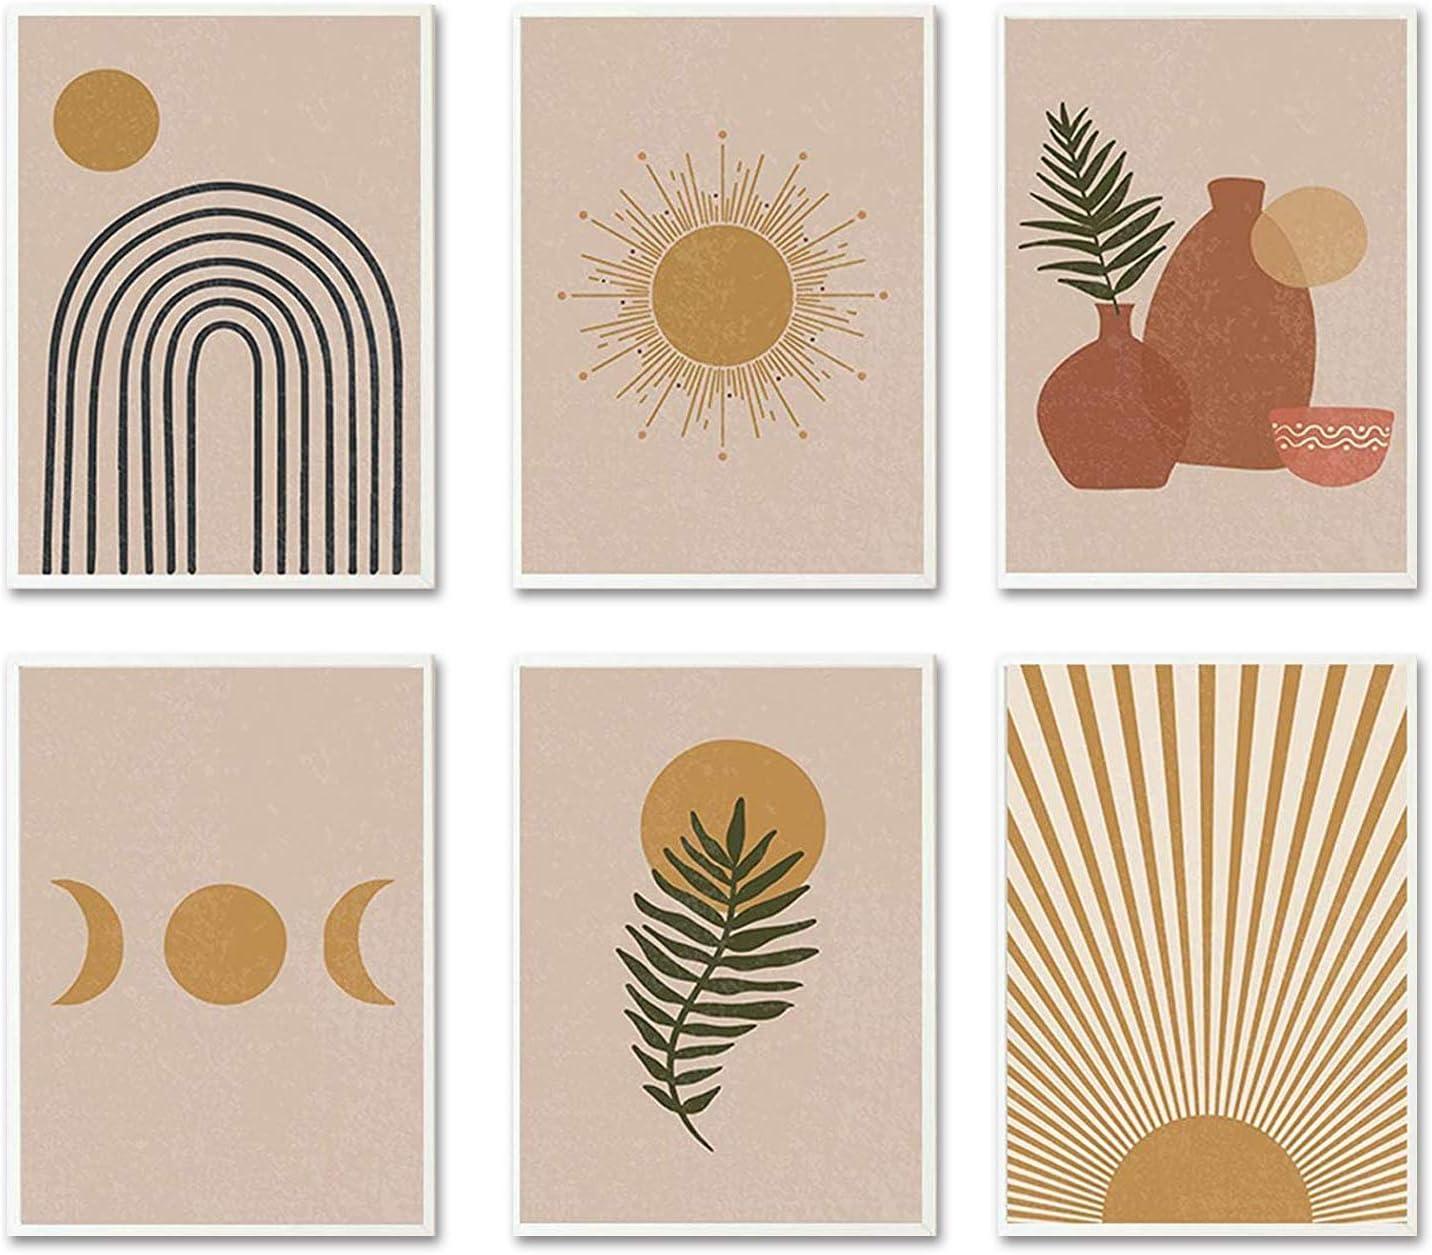 """iMagitek Set of 6 Unframed Neutral Boho Art Prints, Mid Century Art Prints Set, Gallery Wall Art, Earth Tones Wall Art Prints, Earthy Wall Art Prints (8"""" x 10"""")"""